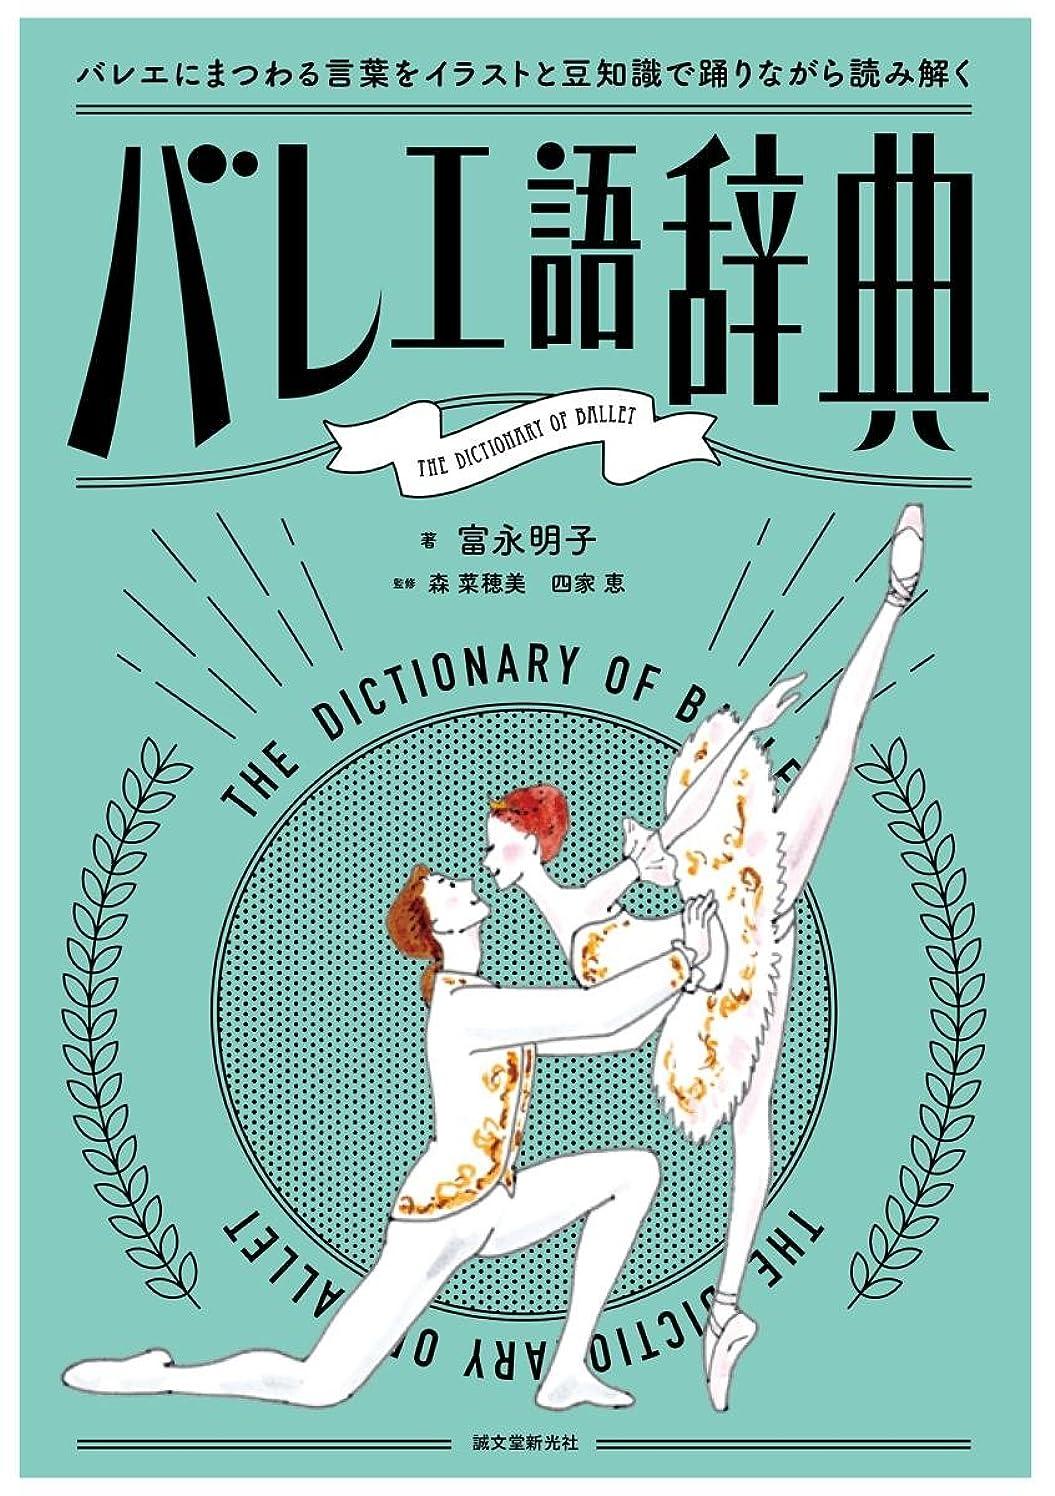 コンクリート司教変化バレエ語辞典: バレエにまつわることばをイラストと豆知識で踊りながら読み解く